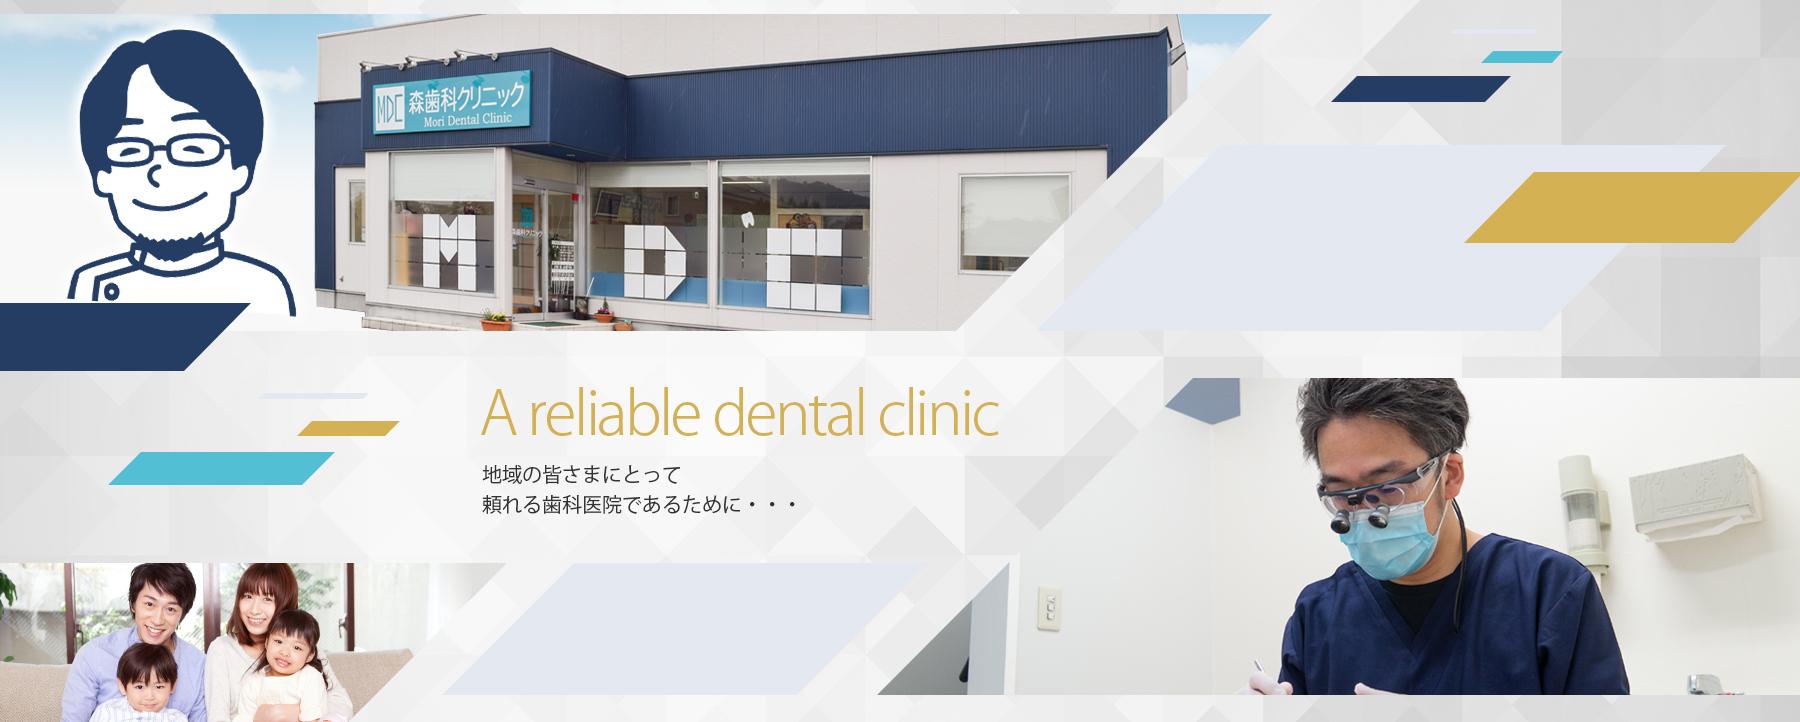 山形県東根市の歯医者 - 森歯科クリニック